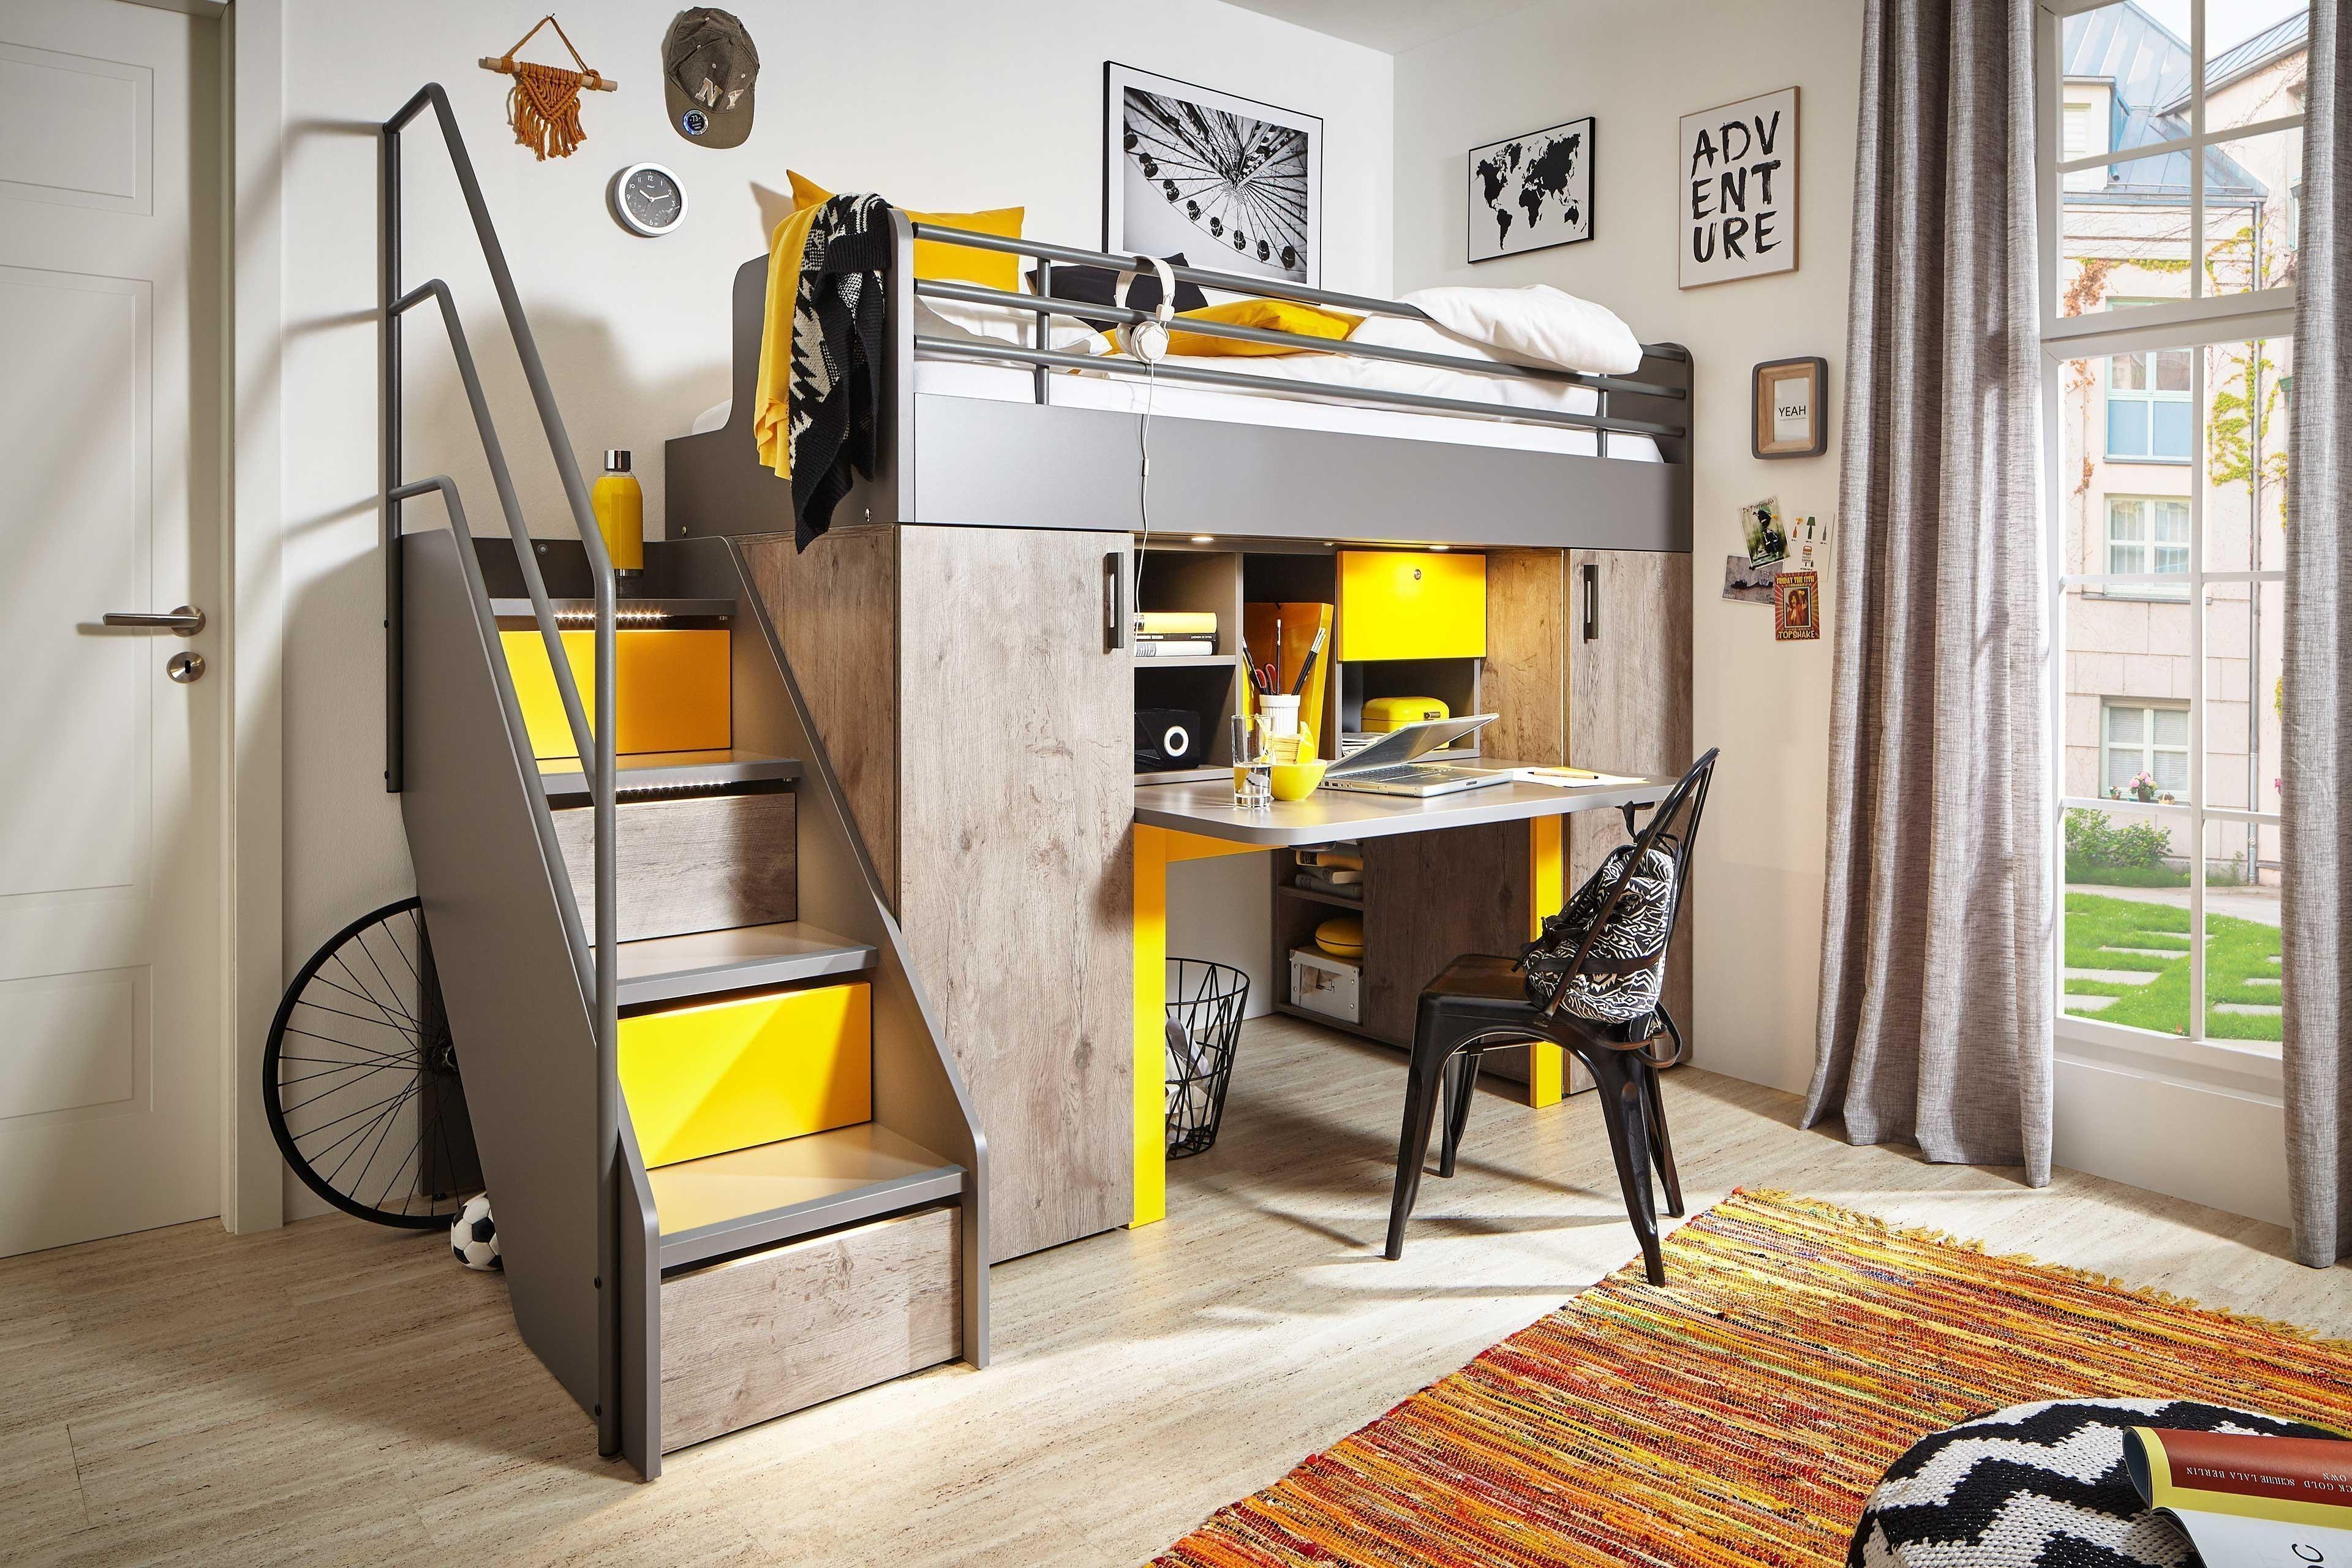 Rudolf Level 2 Hochbett Mit Schranken Und Schreibtisch Mobel